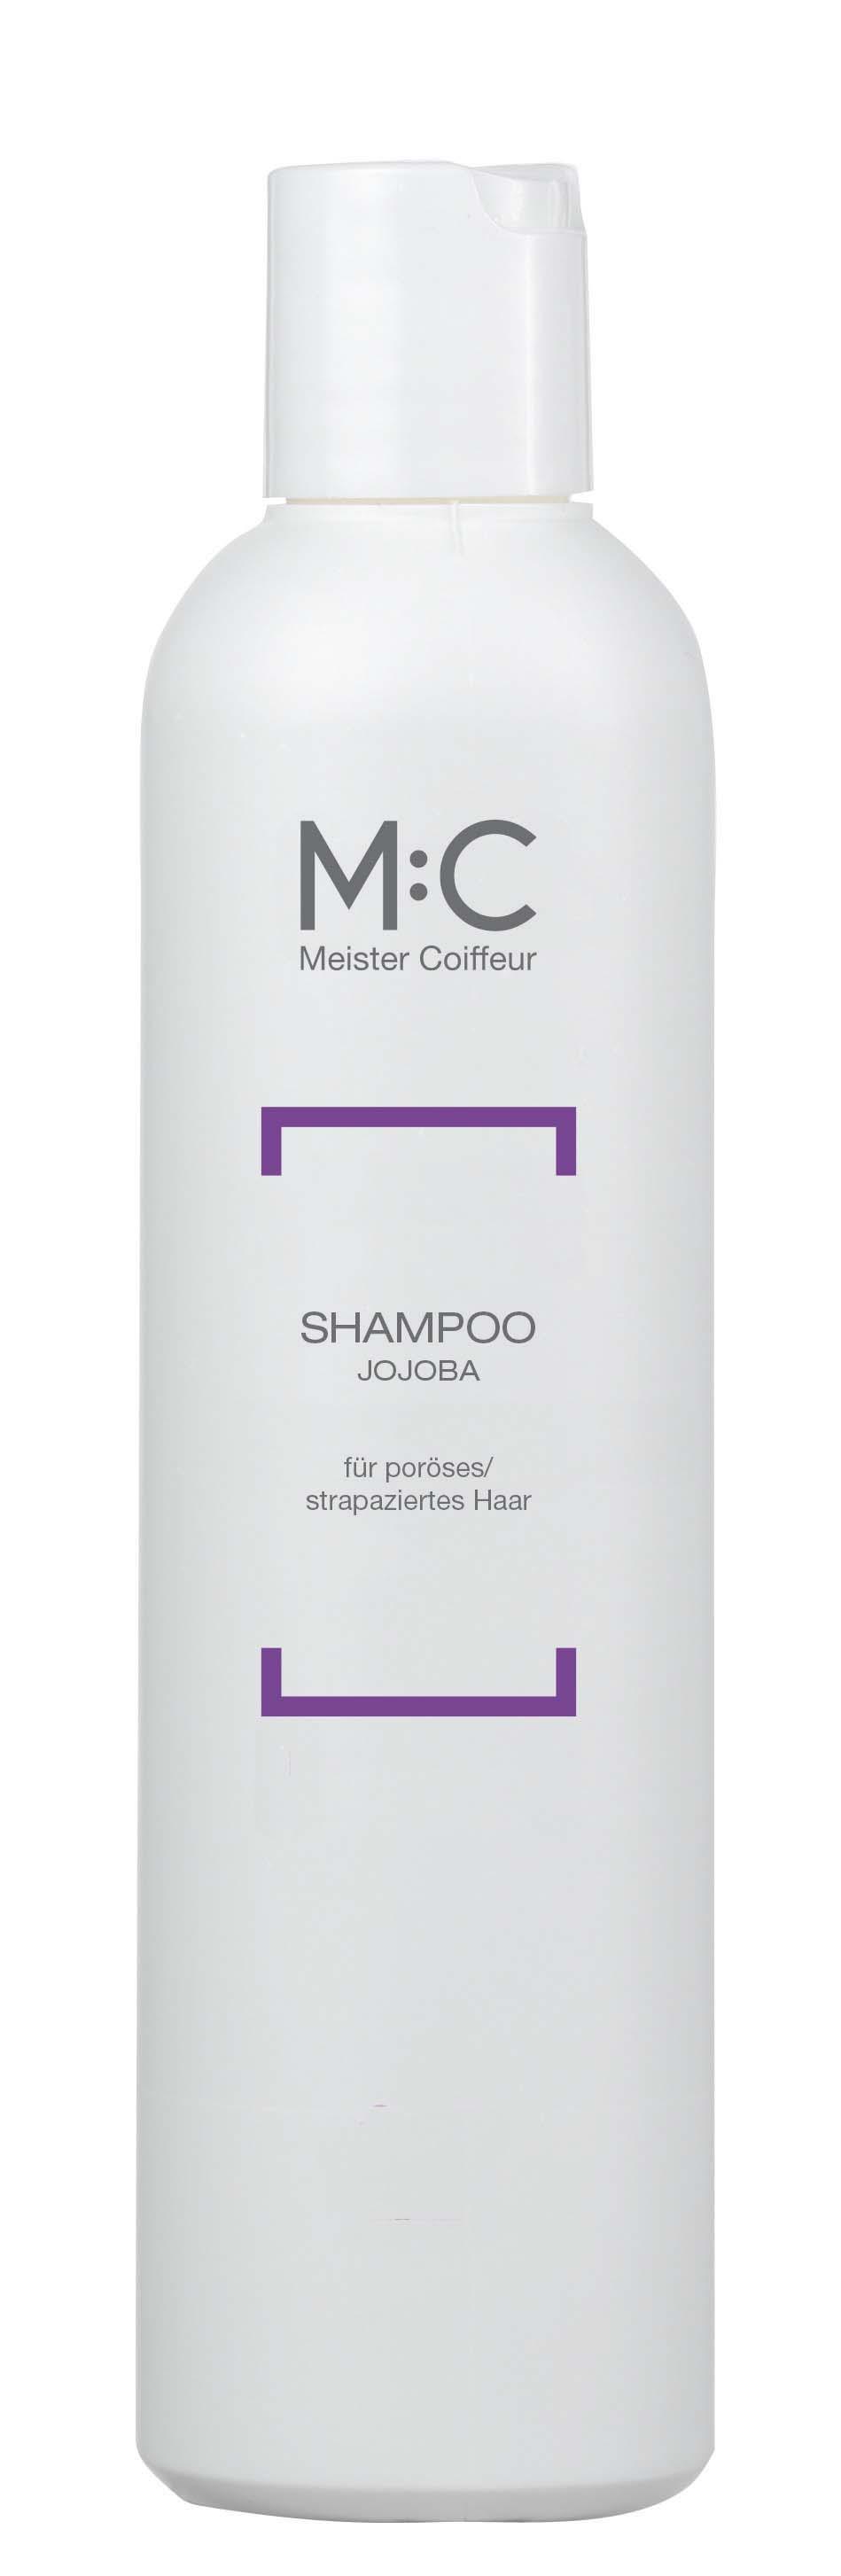 M:C Shampoo Jojoba P 250 ml